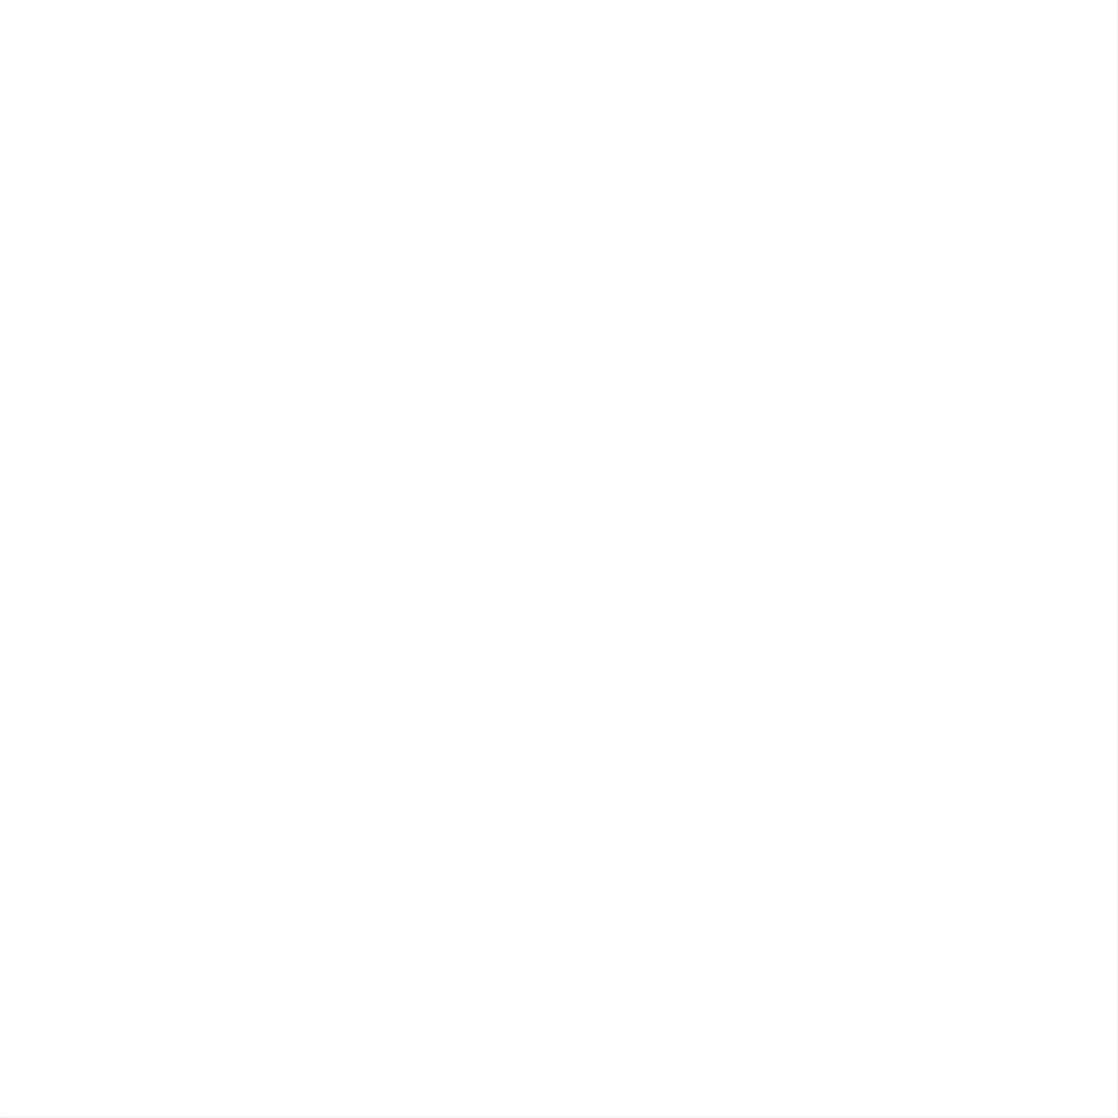 Gạch lát nền trắng trơn Viglacera VG6000 giá rẻ